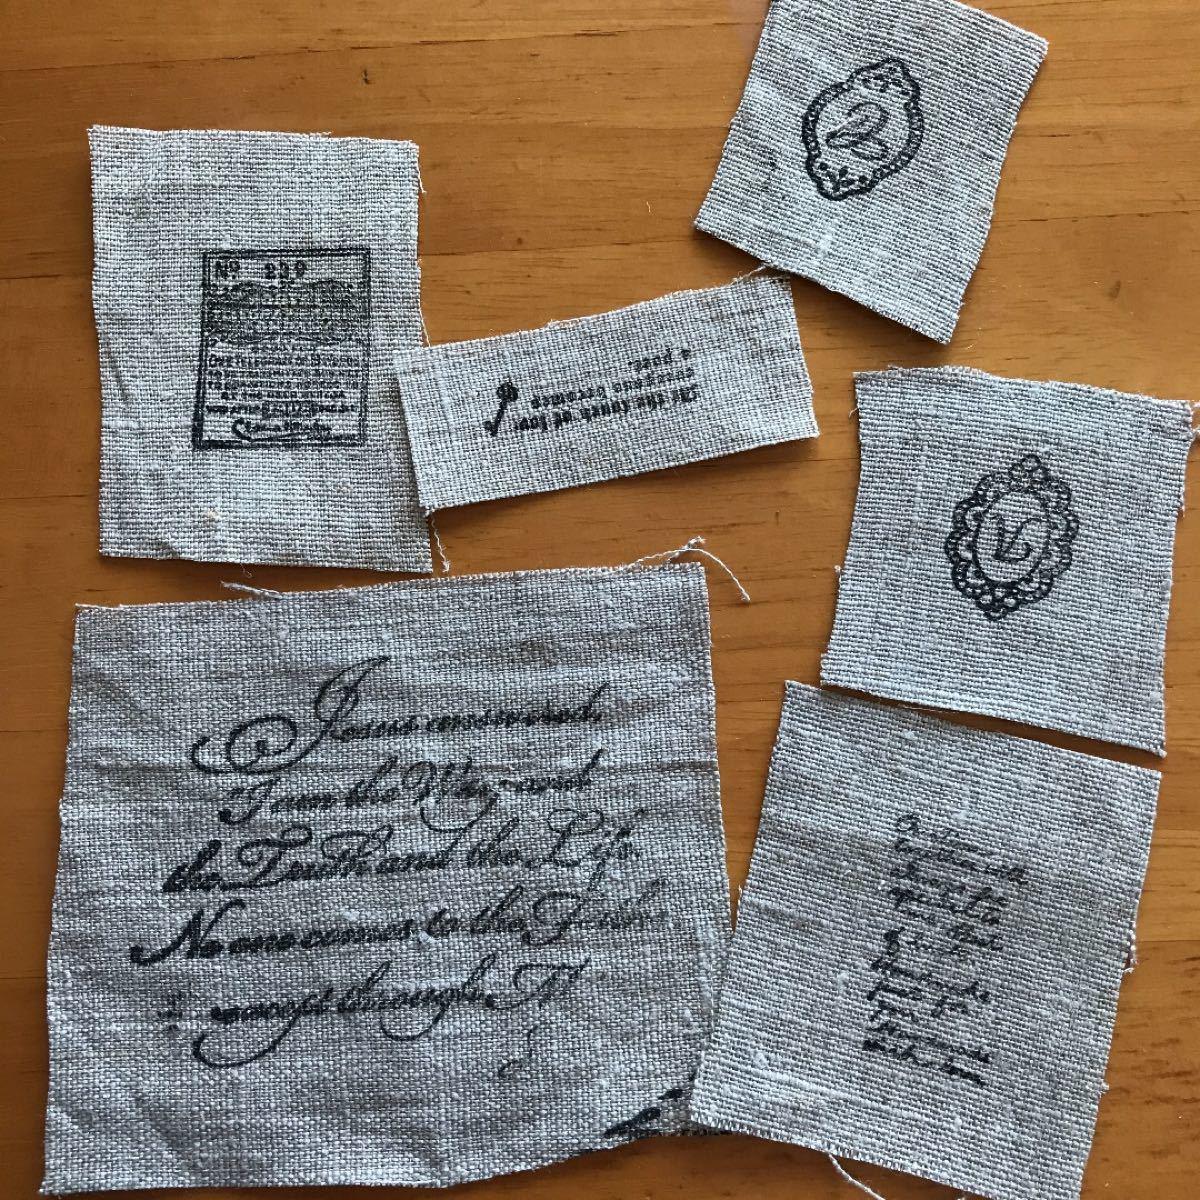 ハンドメイド 材料 パーツ 素材 いろいろ 手作り レース ワッペン タグ 皮